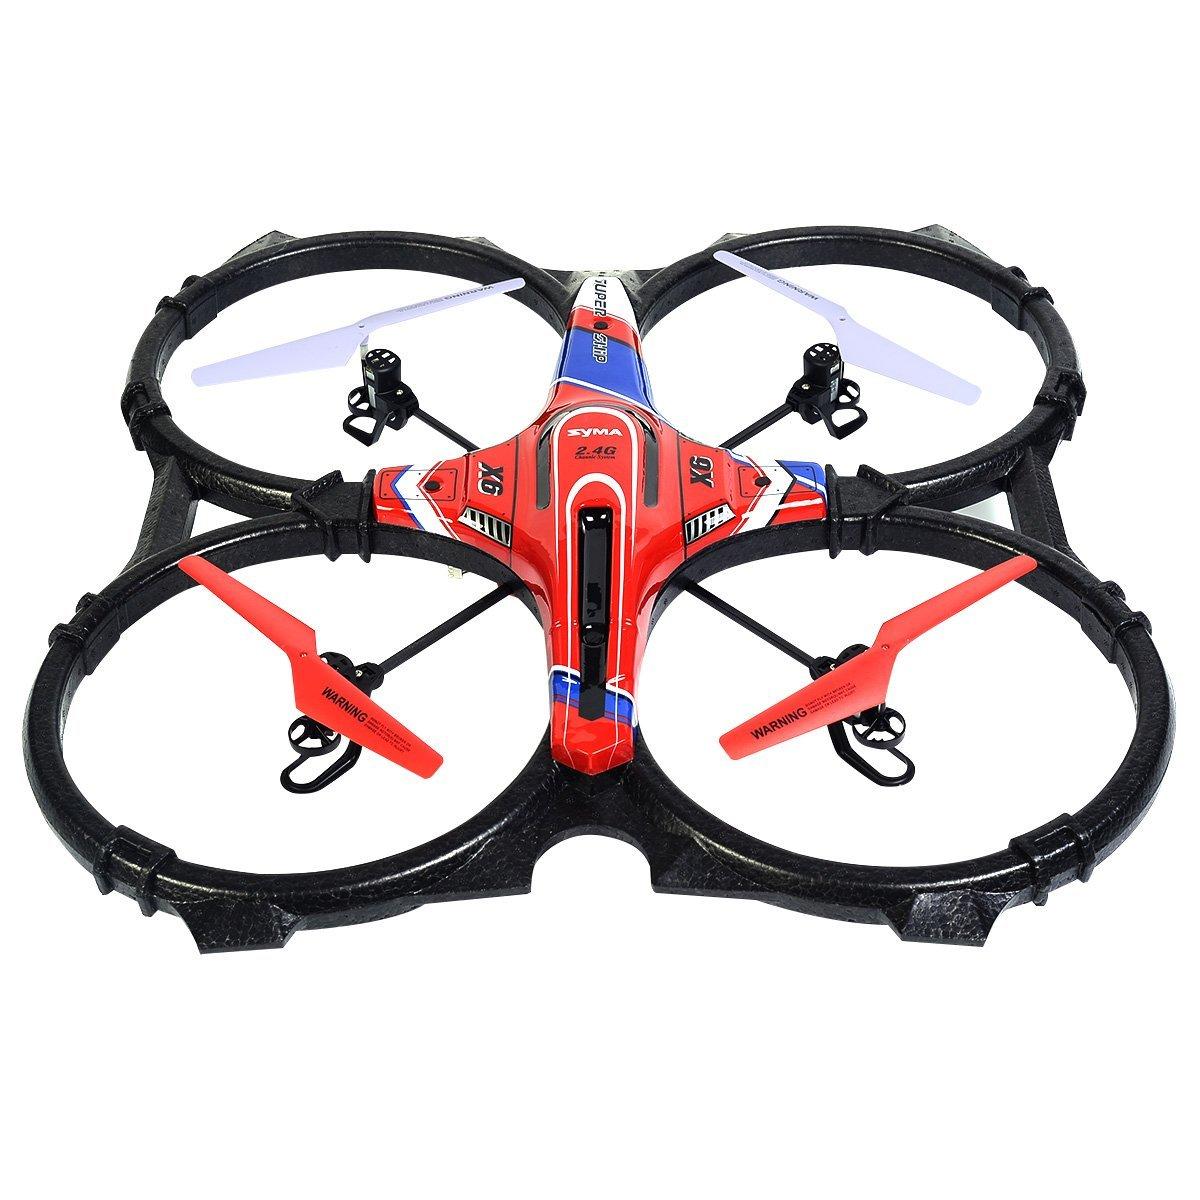 syma x6 drone